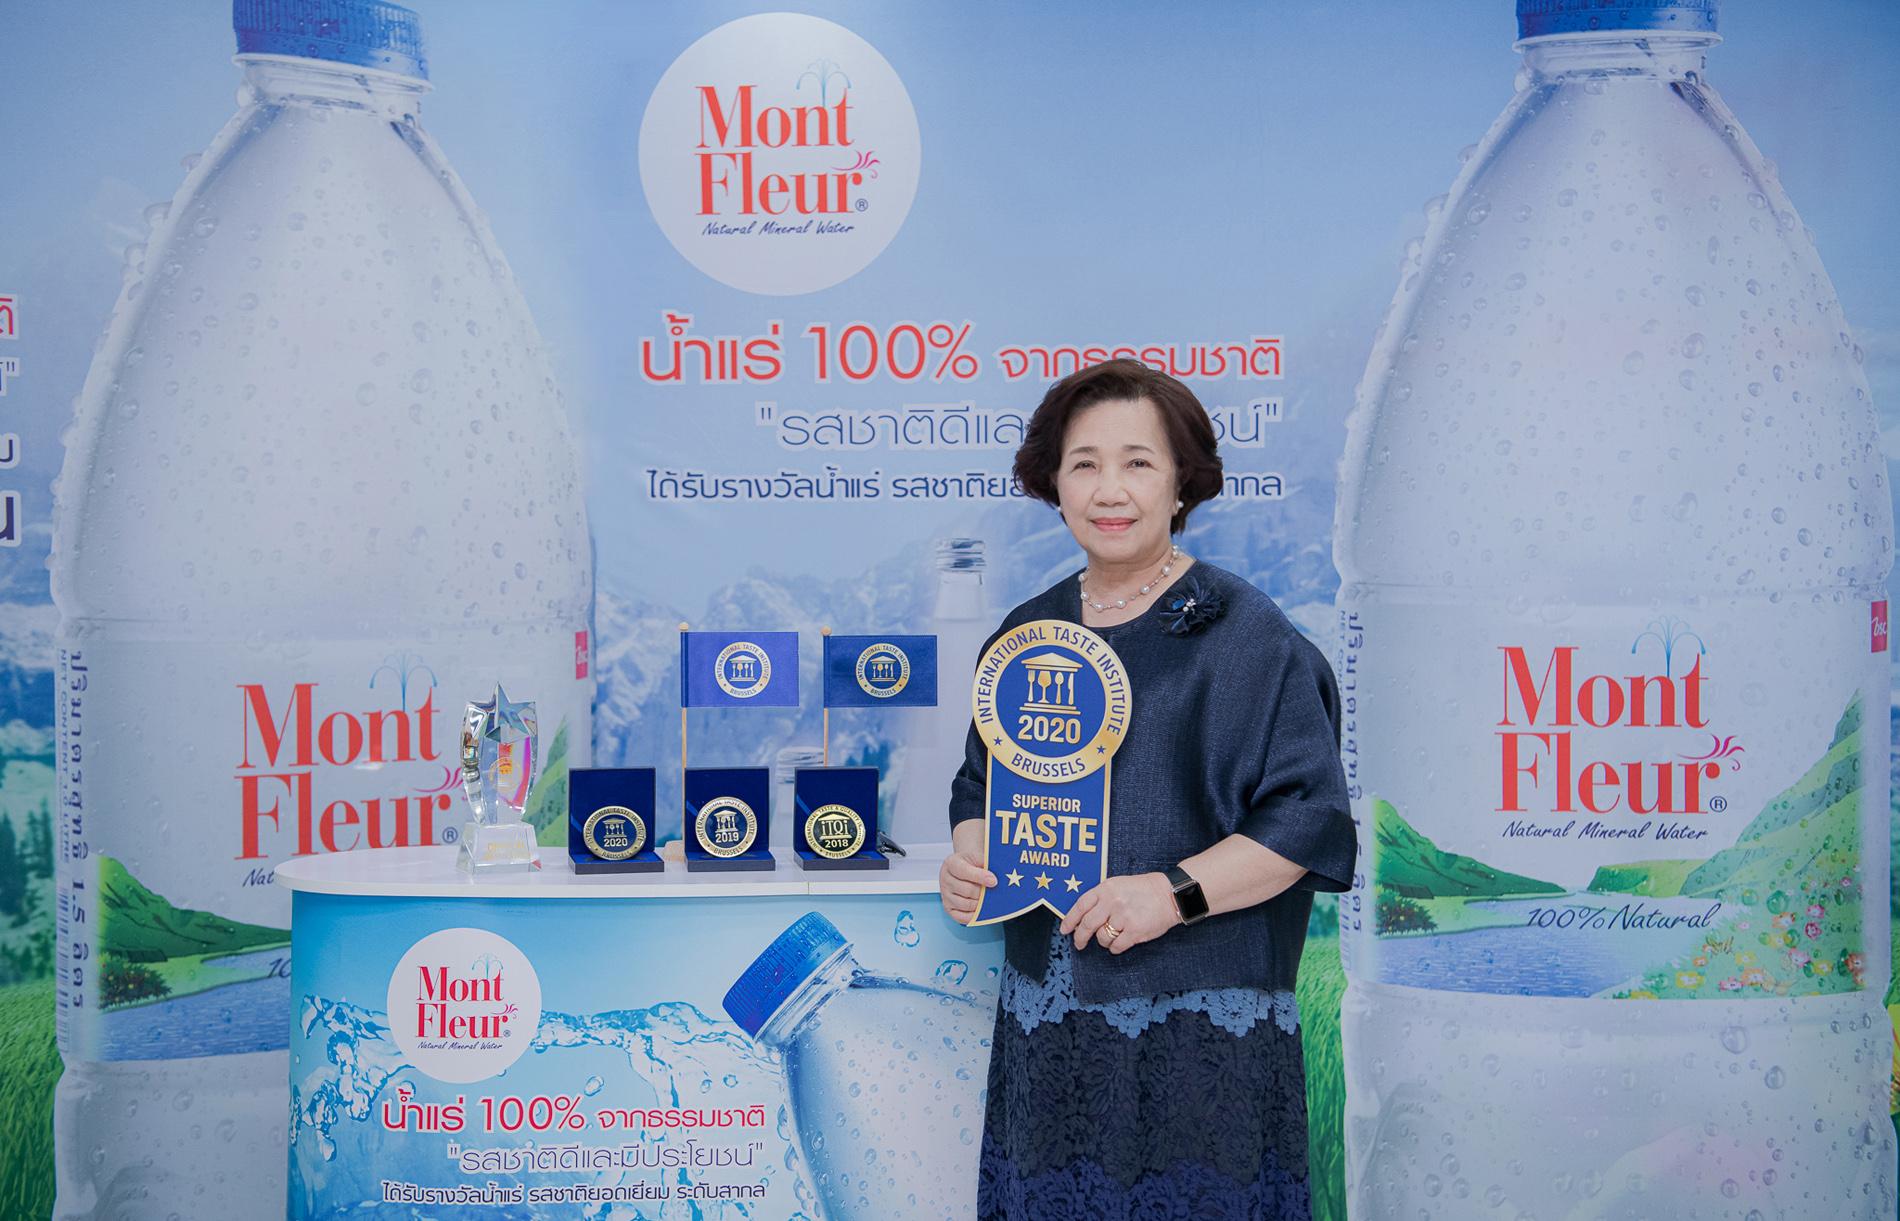 """""""มองต์เฟลอ"""" การันตีรสชาติยอดเยี่ยมบนเวทีโลก แบรนด์แรกและแบรนด์เดียวในกลุ่มน้ำแร่ ที่คว้า """"Superior Taste Award"""" 3 ปีซ้อน ชูรางวัลบุกตลาดต่อเนื่องทั้งในและต่างประเทศ"""